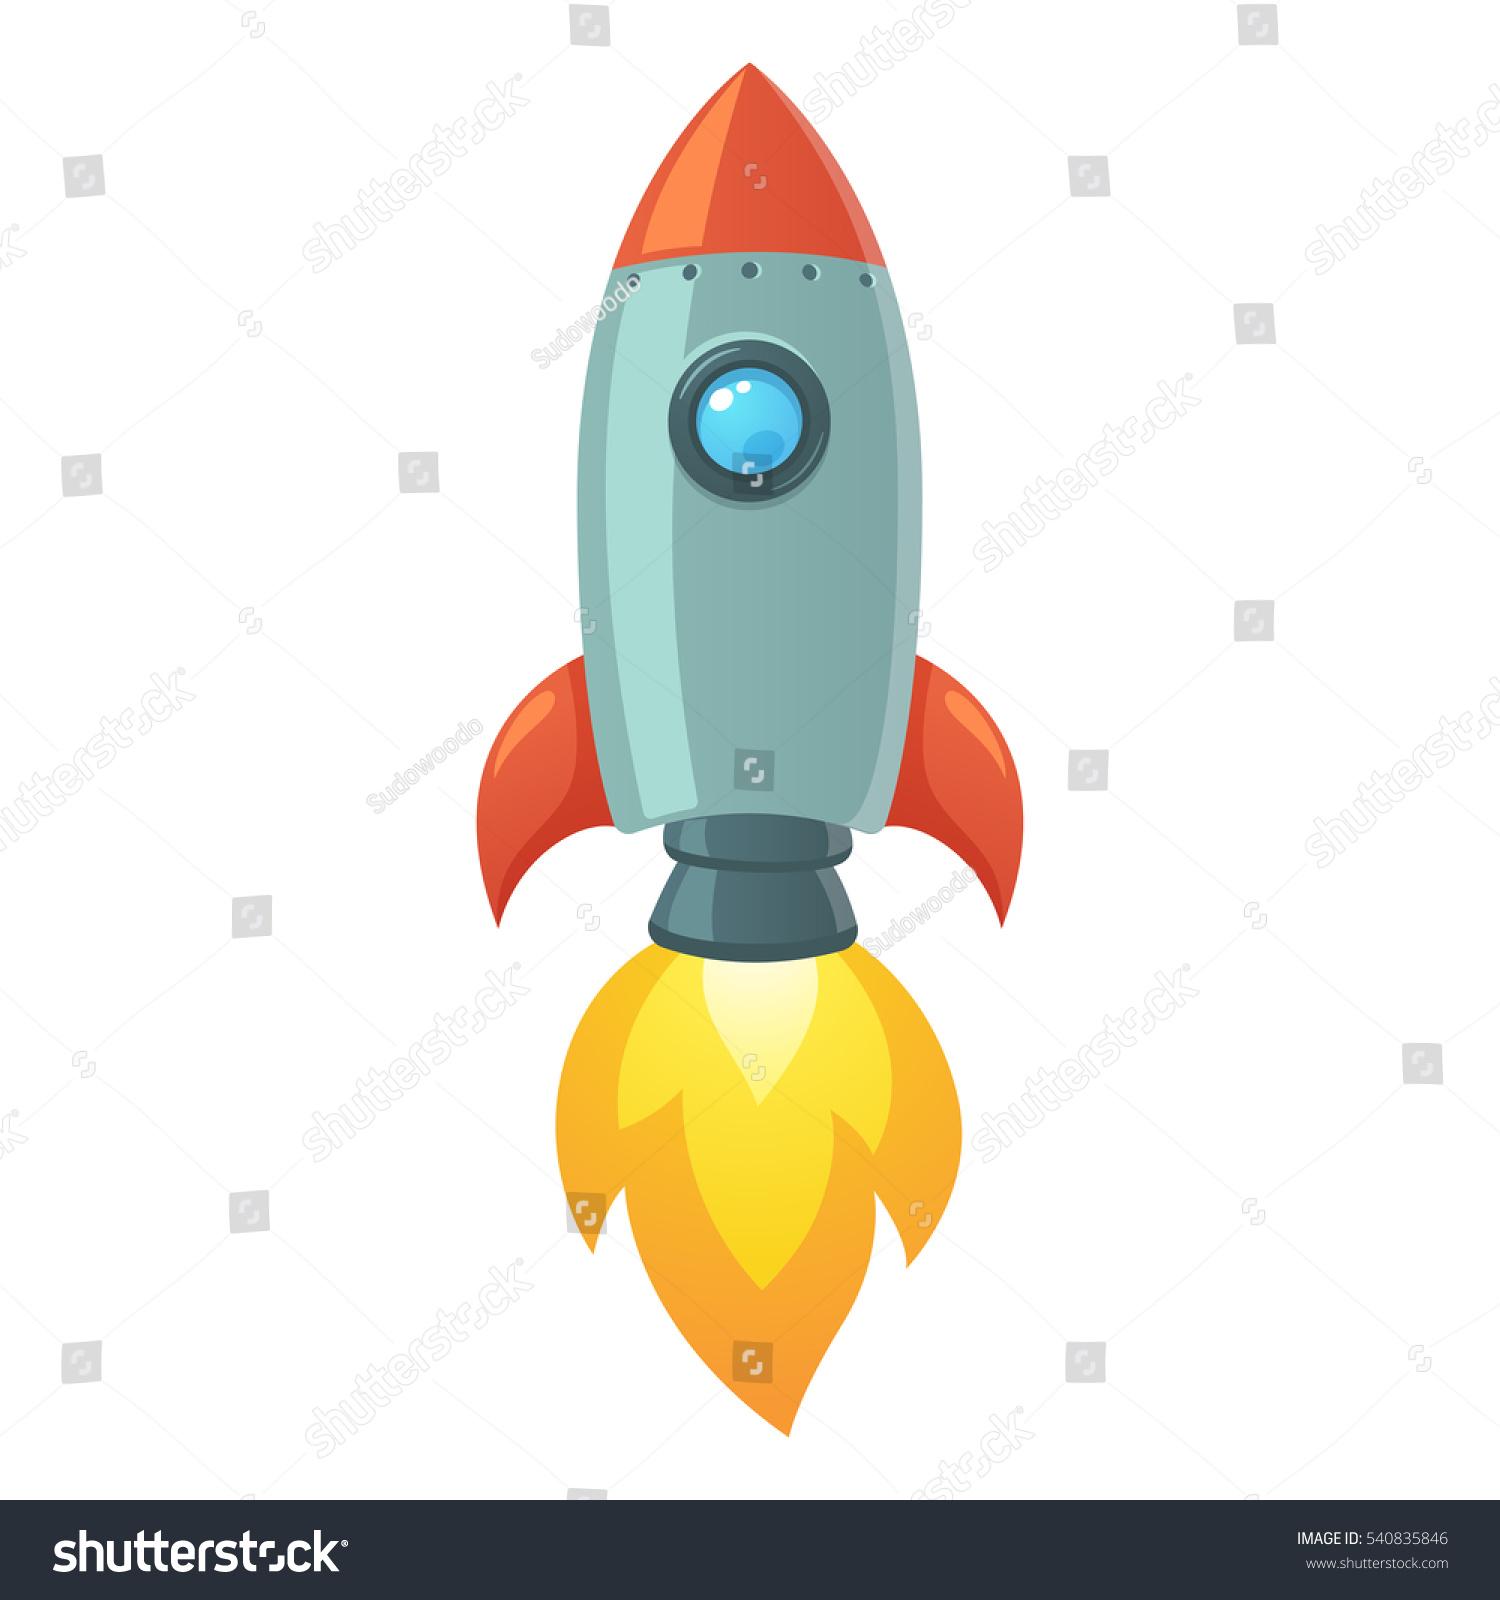 Cartoon Rocket Space Ship Take Off Stock Vector 540835846 ...